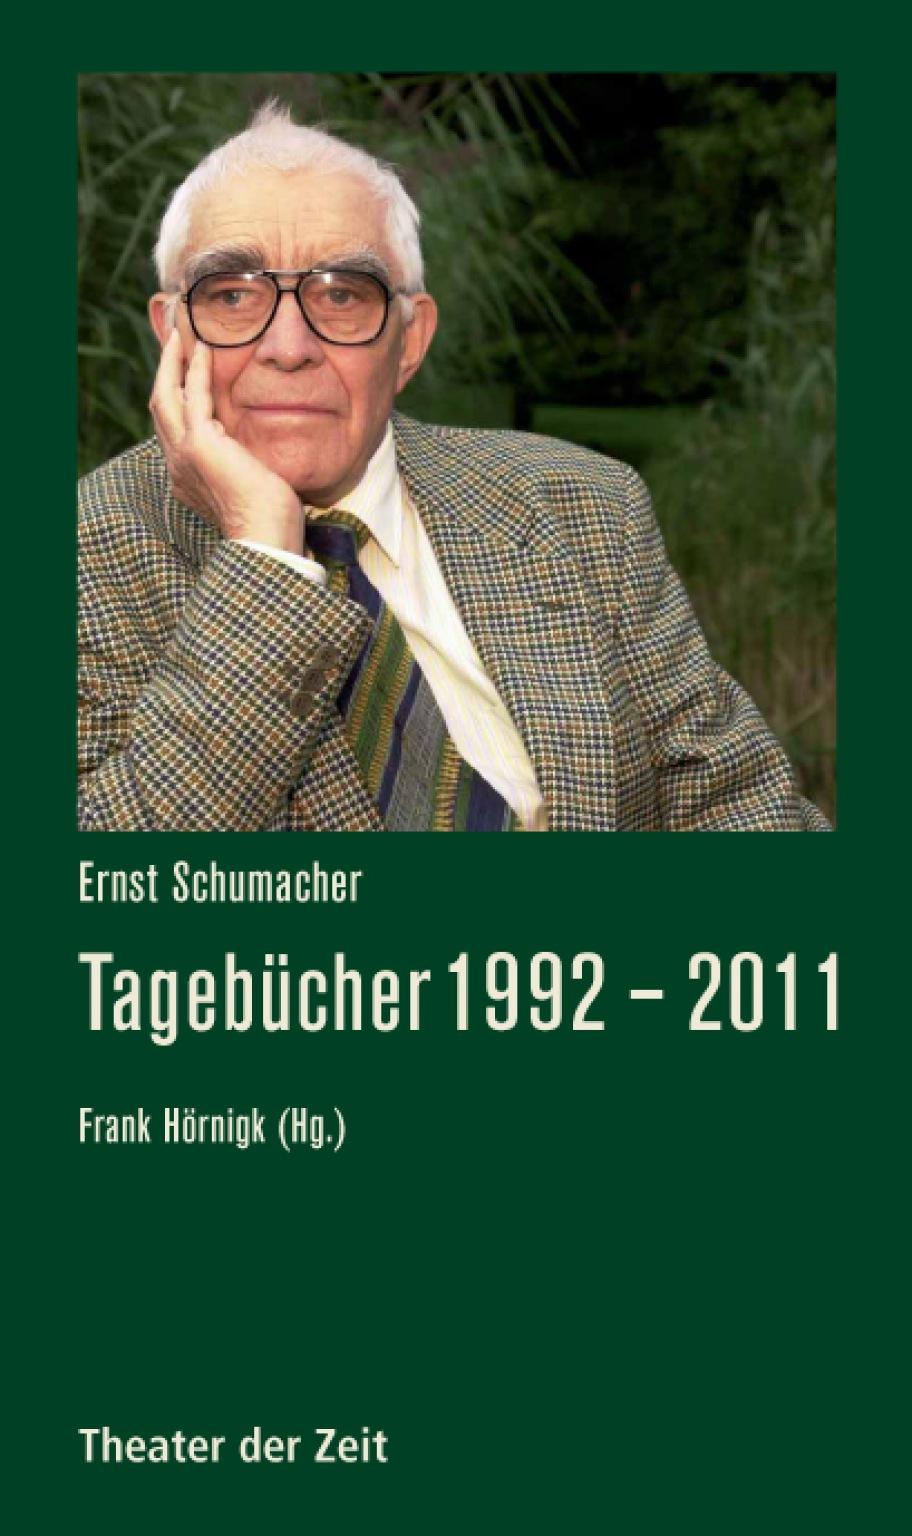 Ernst Schumacher: Tagebücher 1992 – 2011